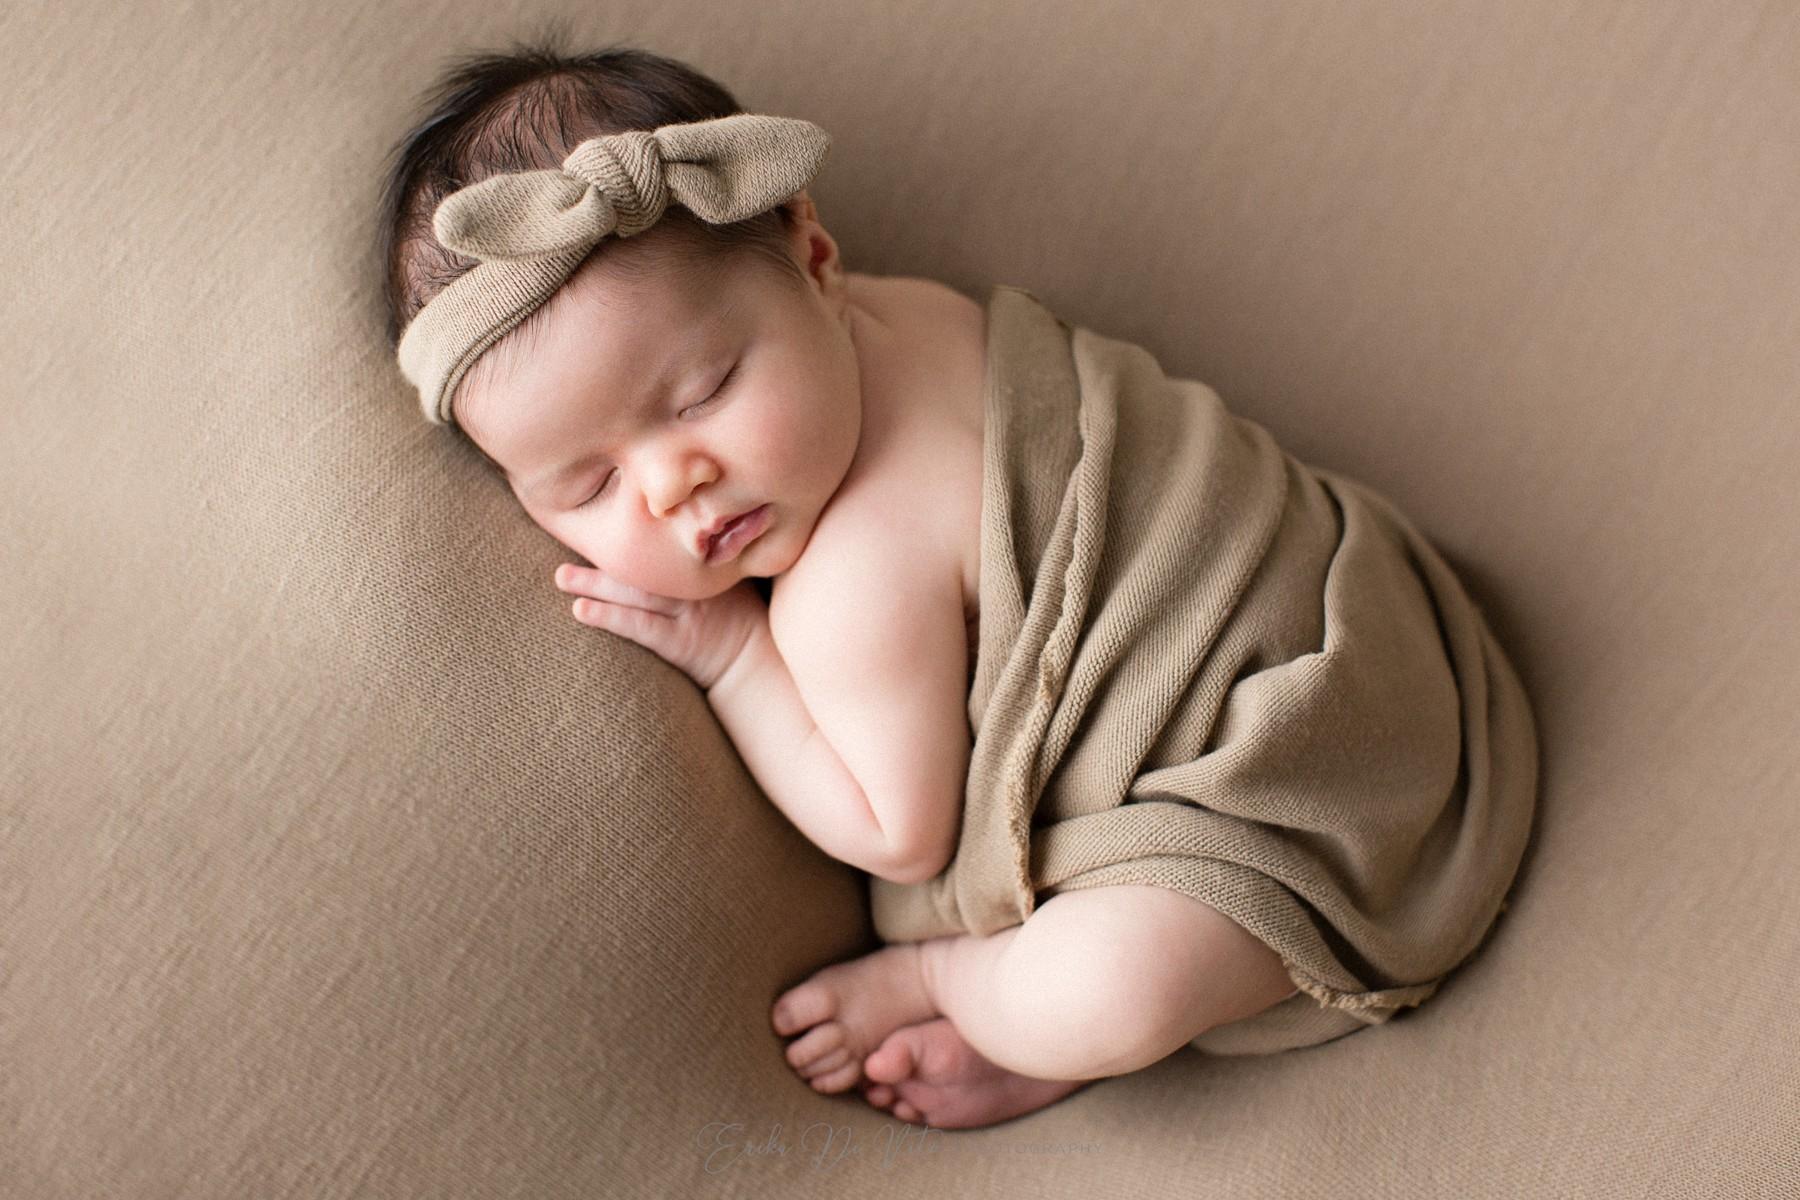 foto neonato appena nato